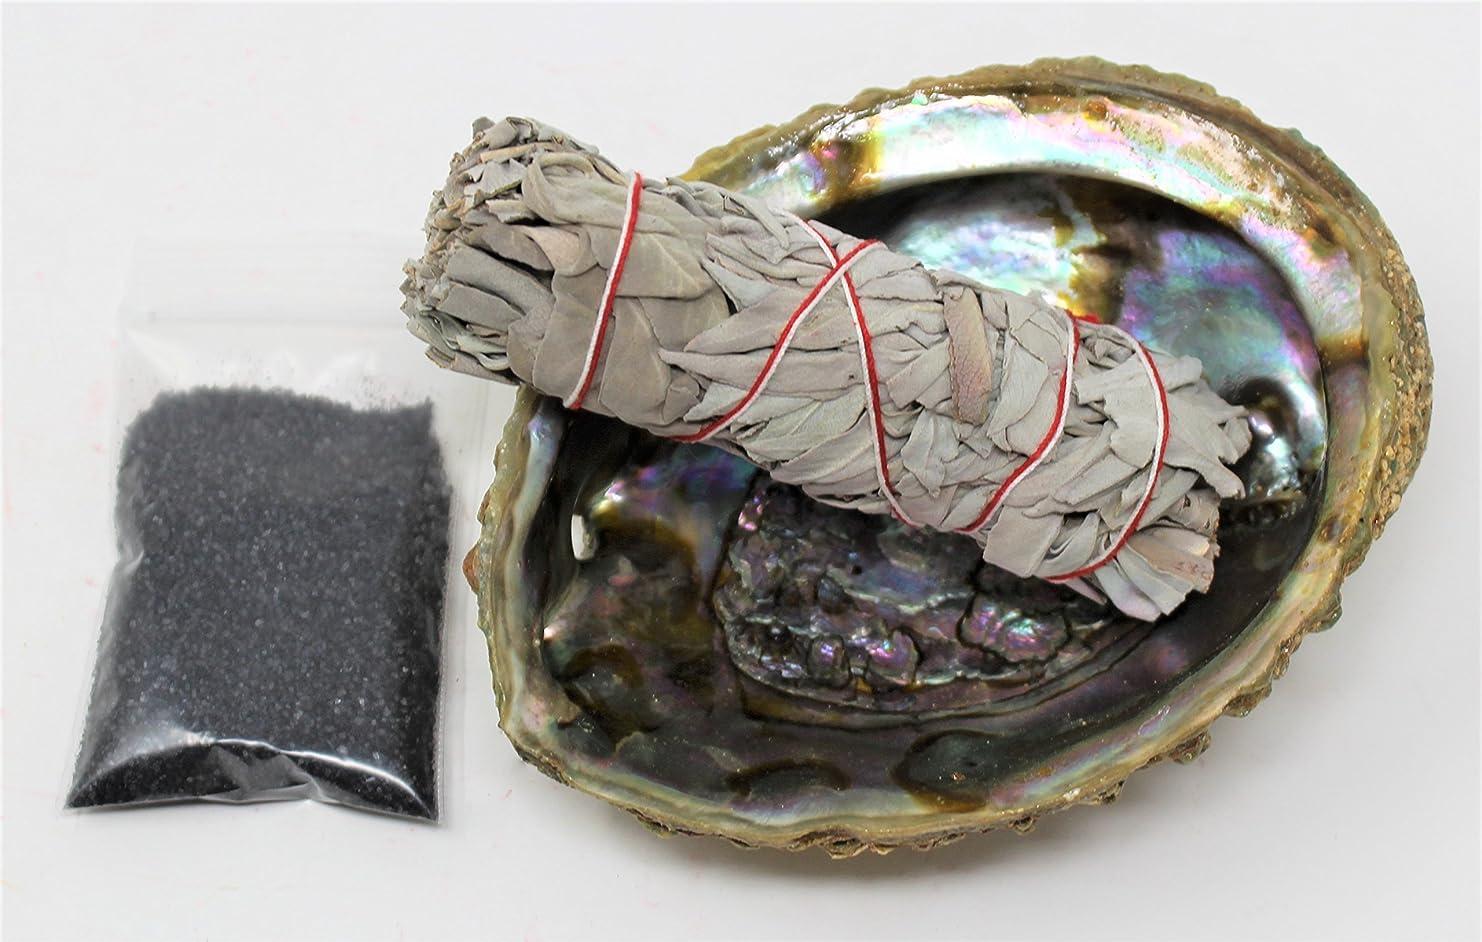 これら経由でつづりセージSmudgeキットwithカリフォルニアホワイトセージ、Large Abalone Shell、ブラックSalt Plus Smudging Directions